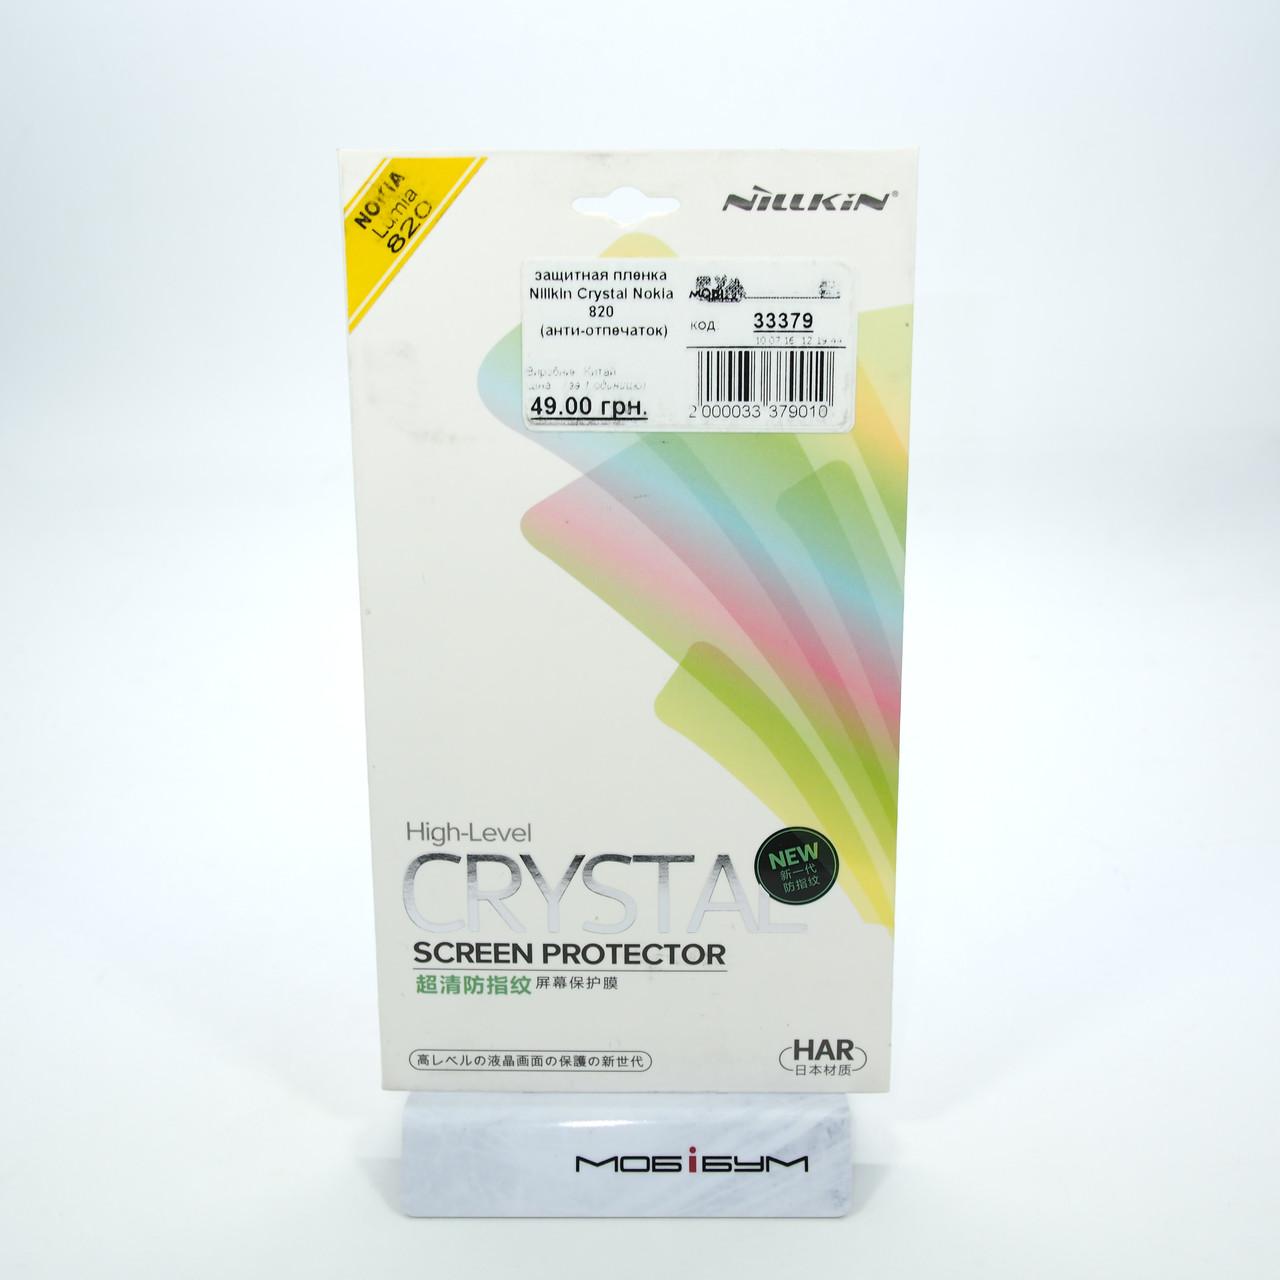 Защитная пленка Nillkin Crystal Nokia 820